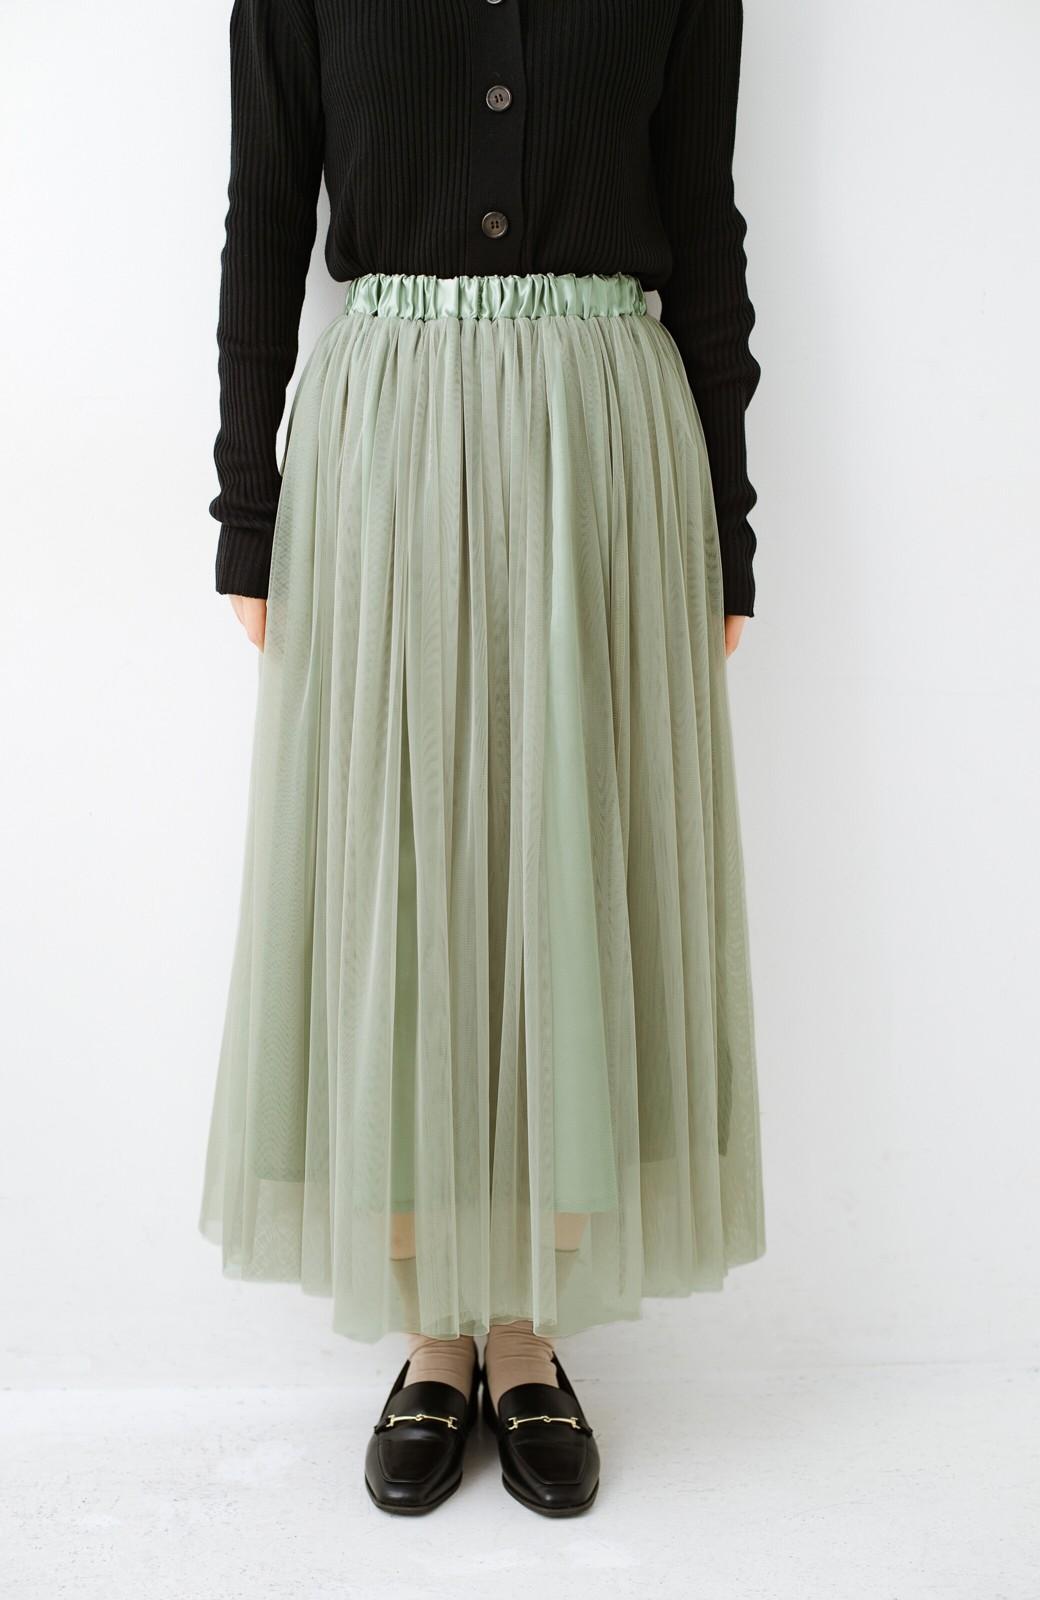 haco! 着るだけでルンとした気分になる! 長ーーい季節着られてずっと使えるオトナのためのチュールスカート <グリーン>の商品写真7